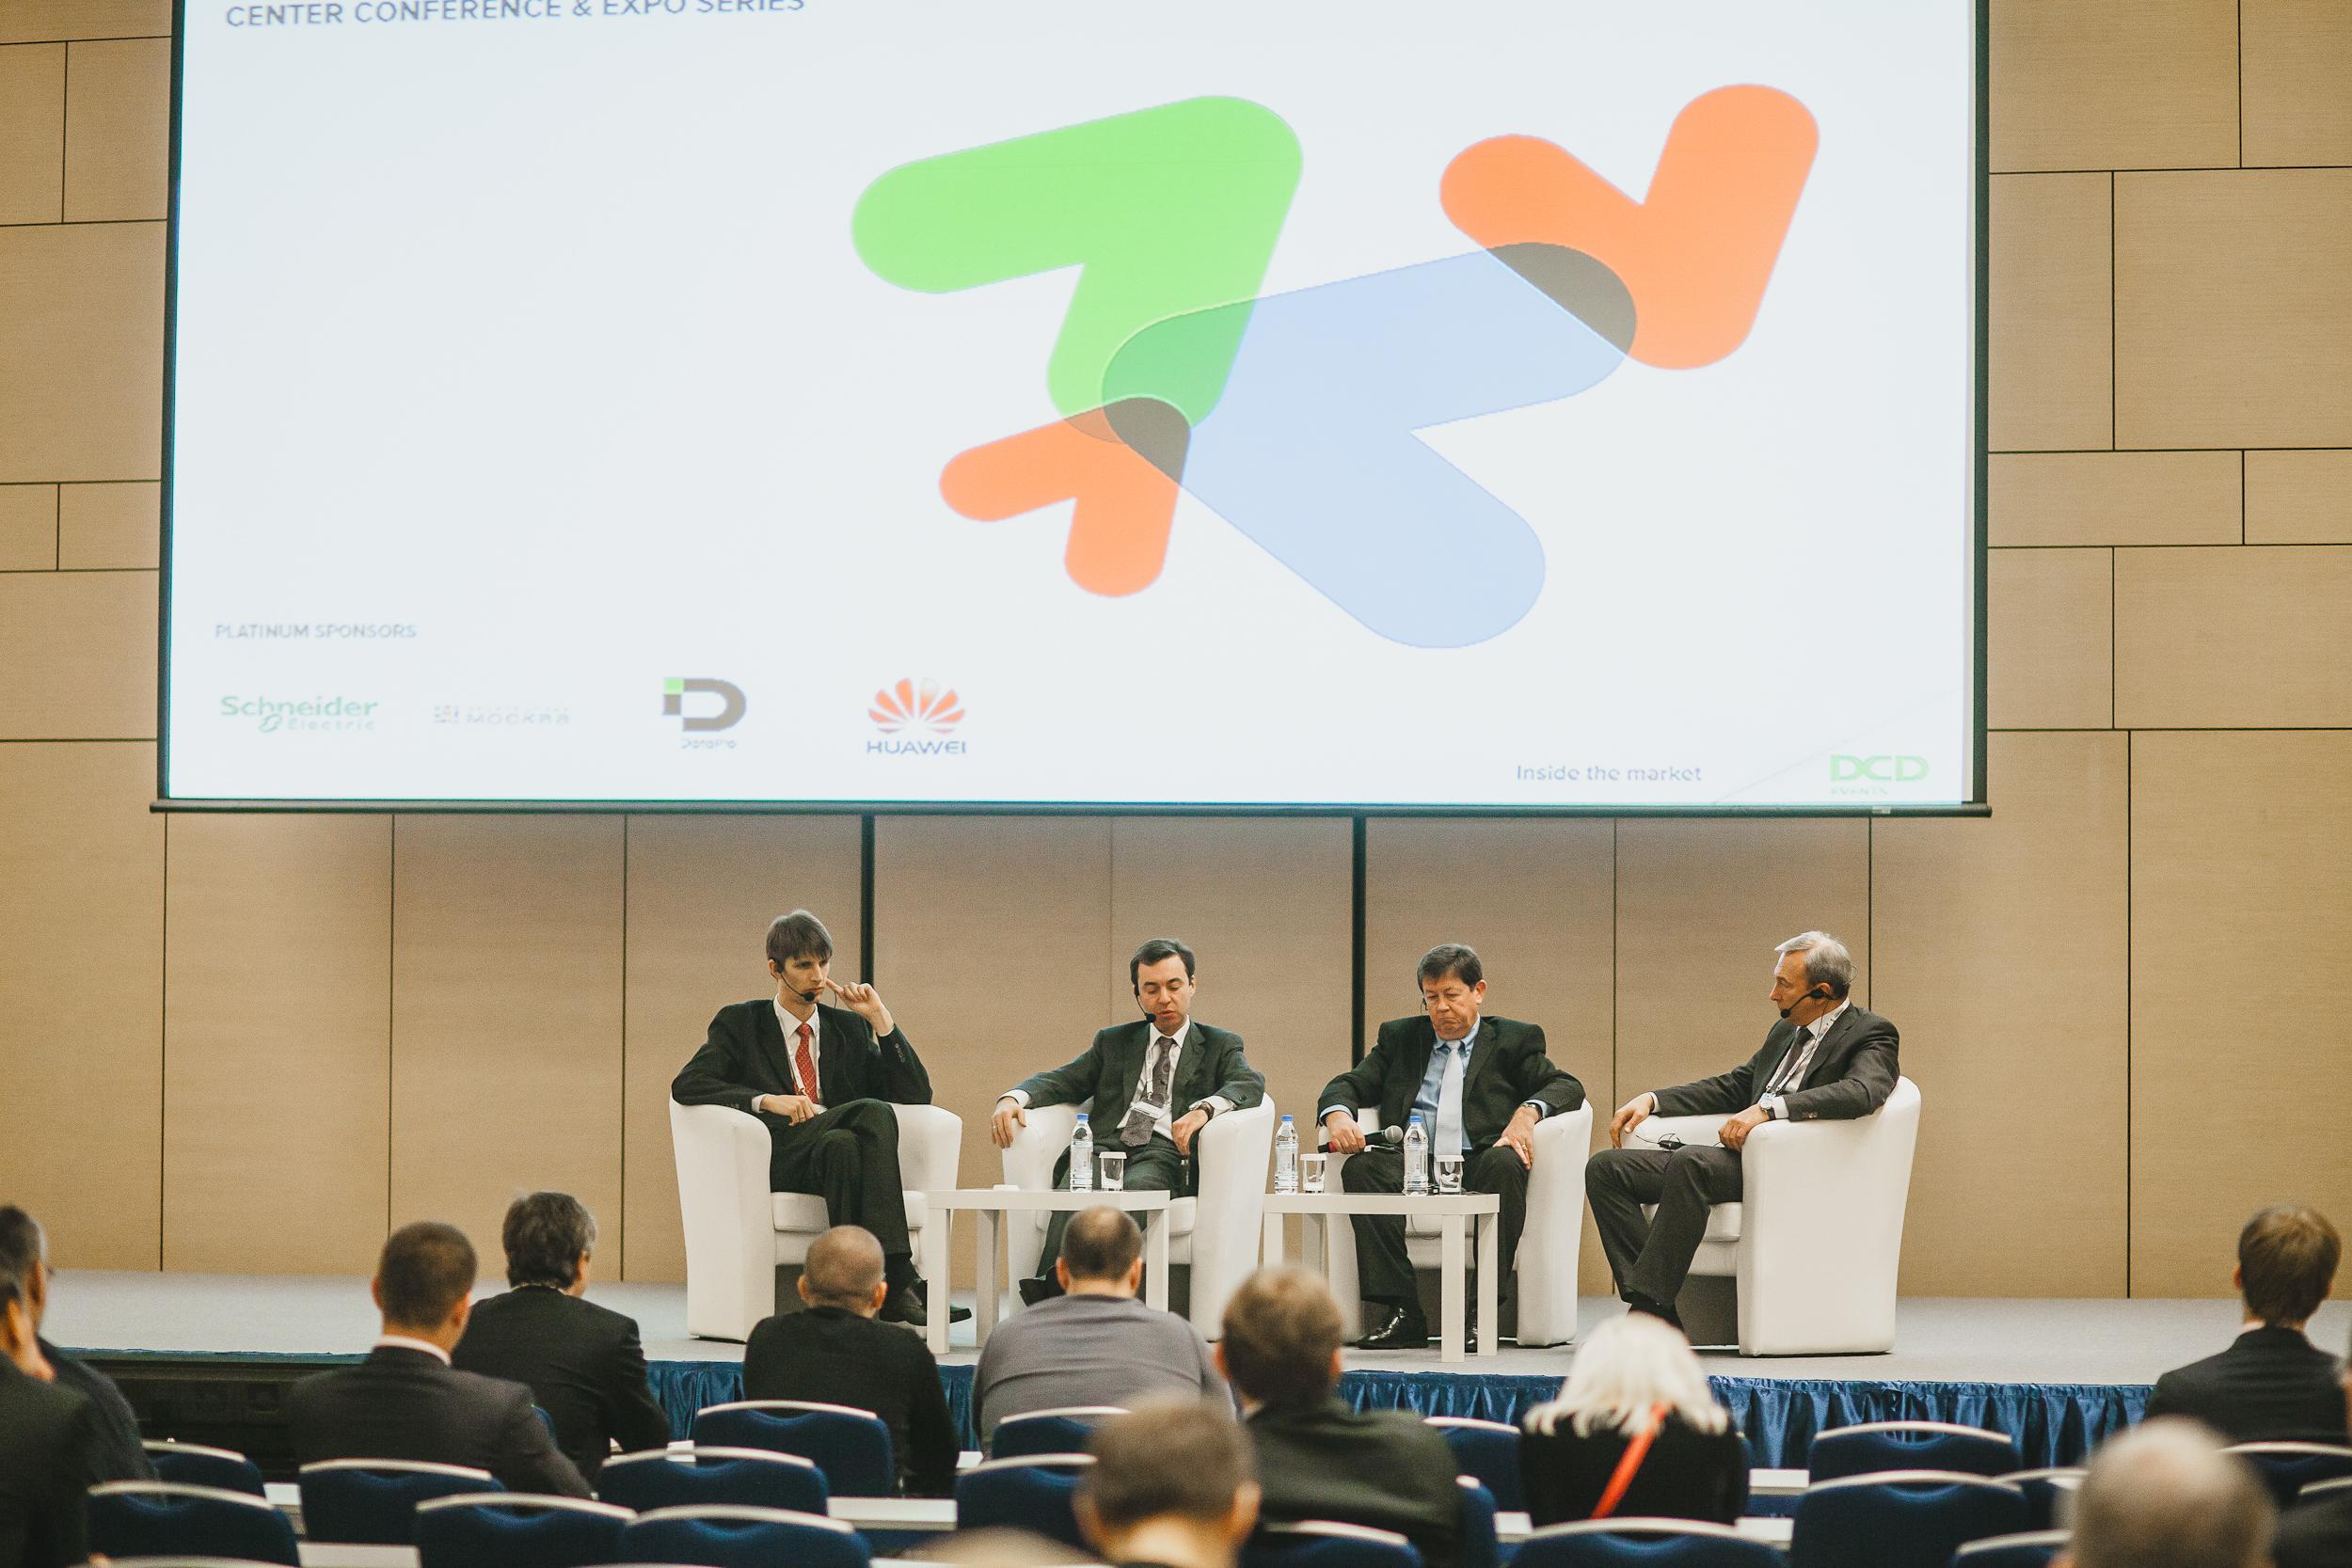 Панельная дискуссия «Создание стандартов индустрии дата центров в России» на 5 й конференции DCD Converged